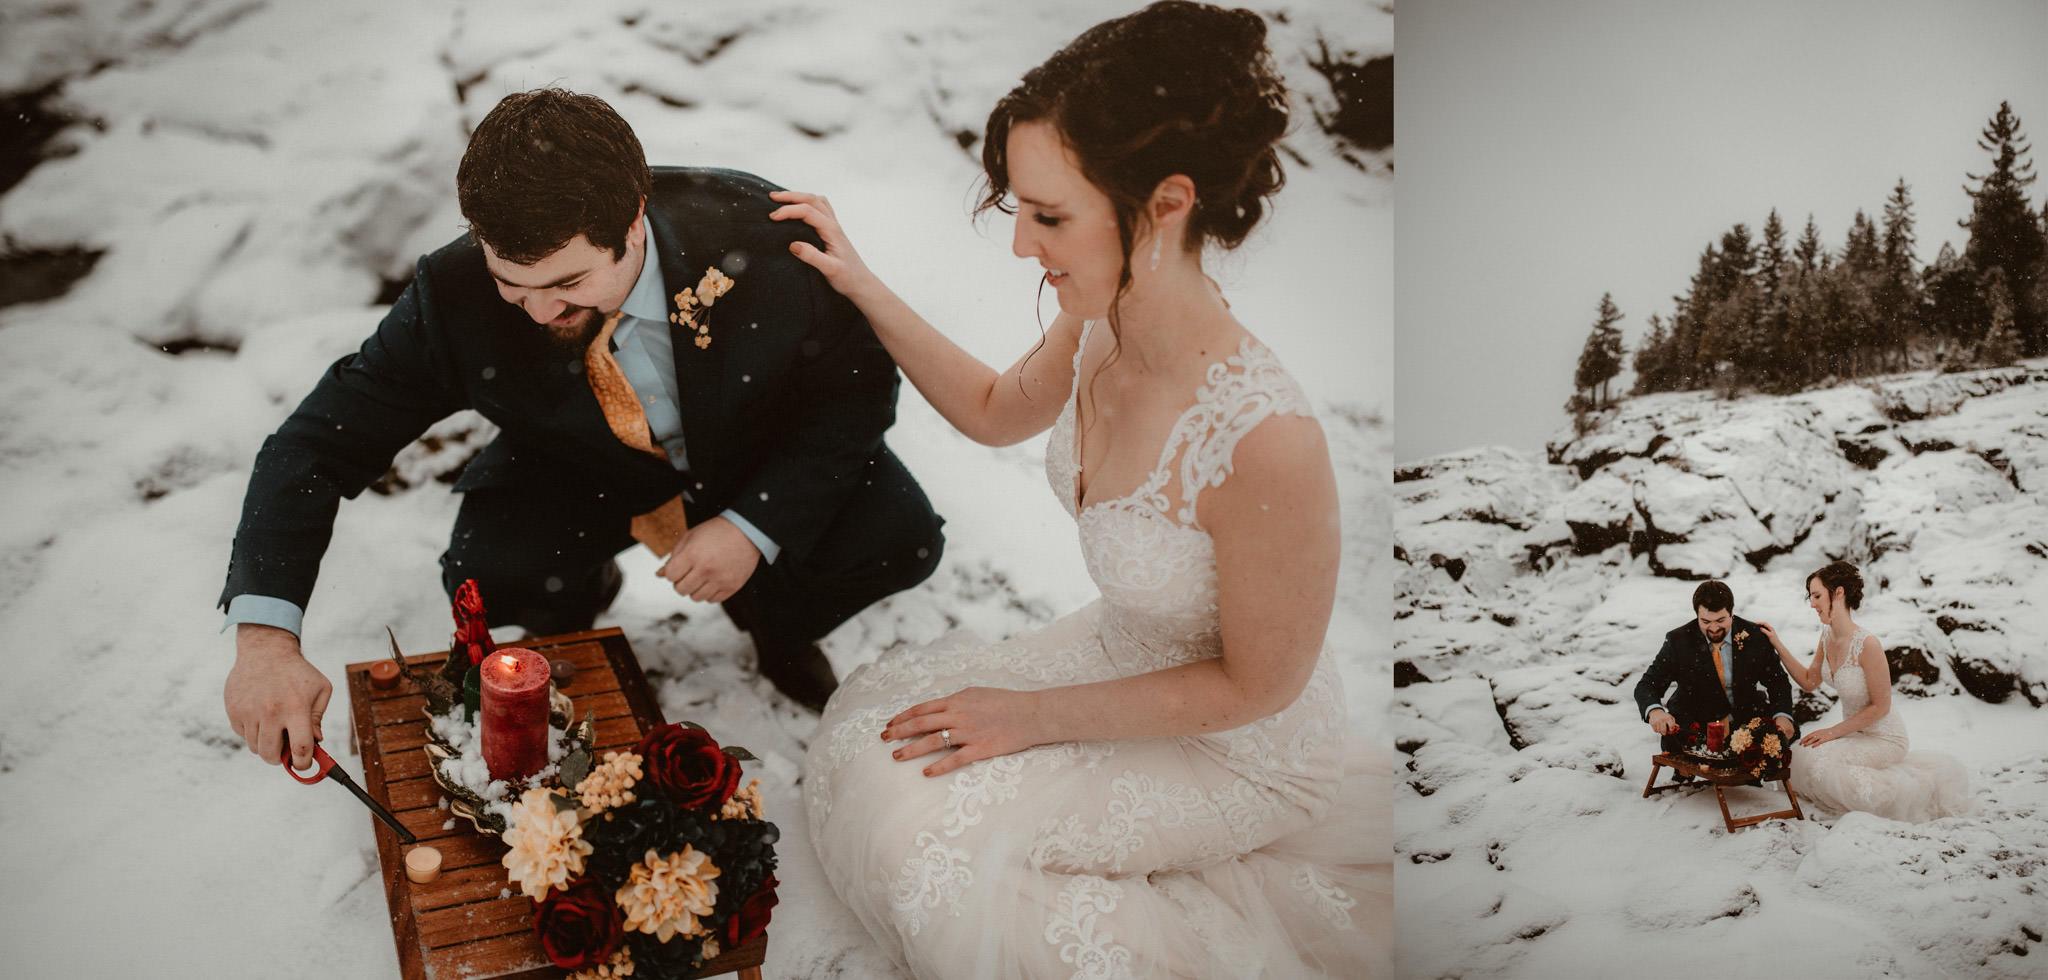 Yule altar setup at winter elopement in Michigan